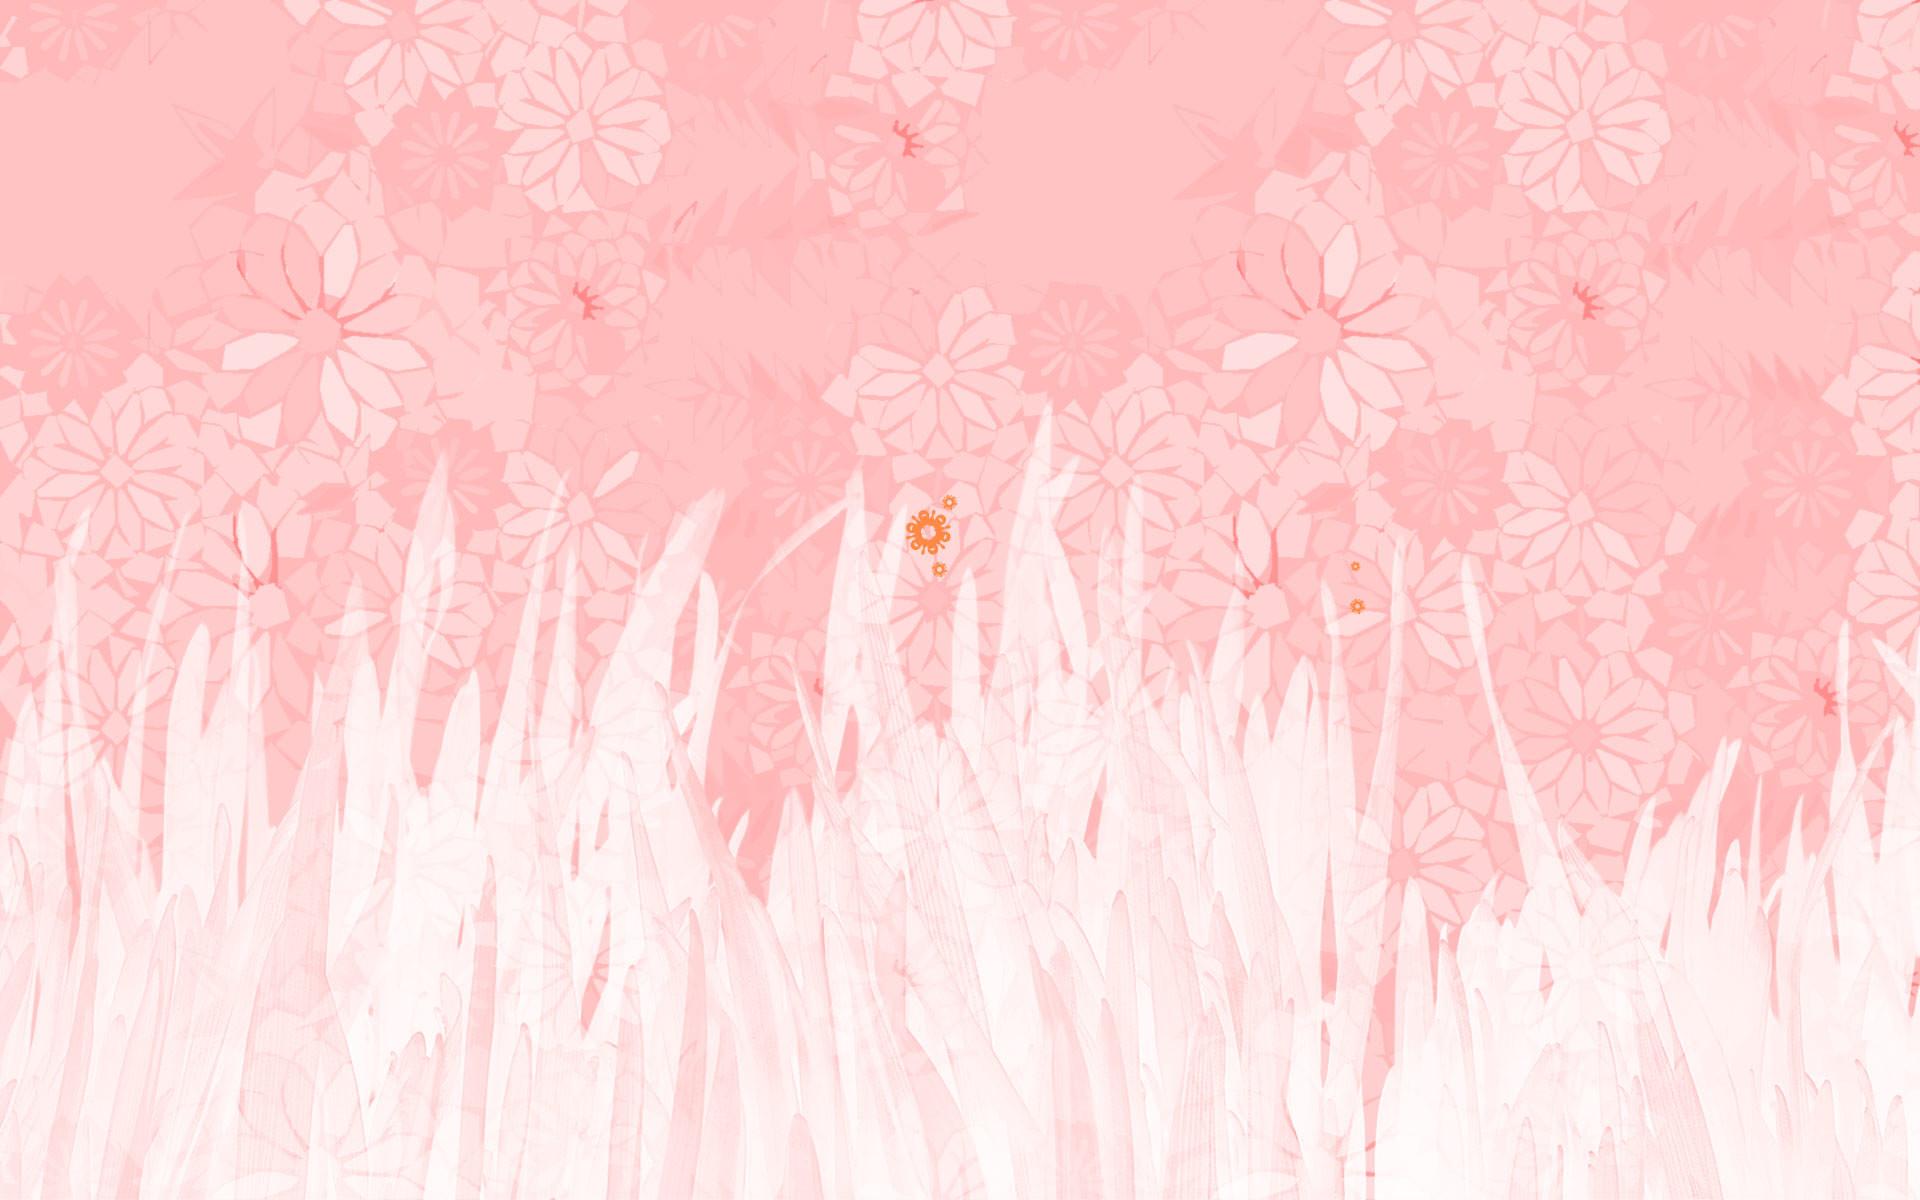 Light Pink Desktop Wallpaper